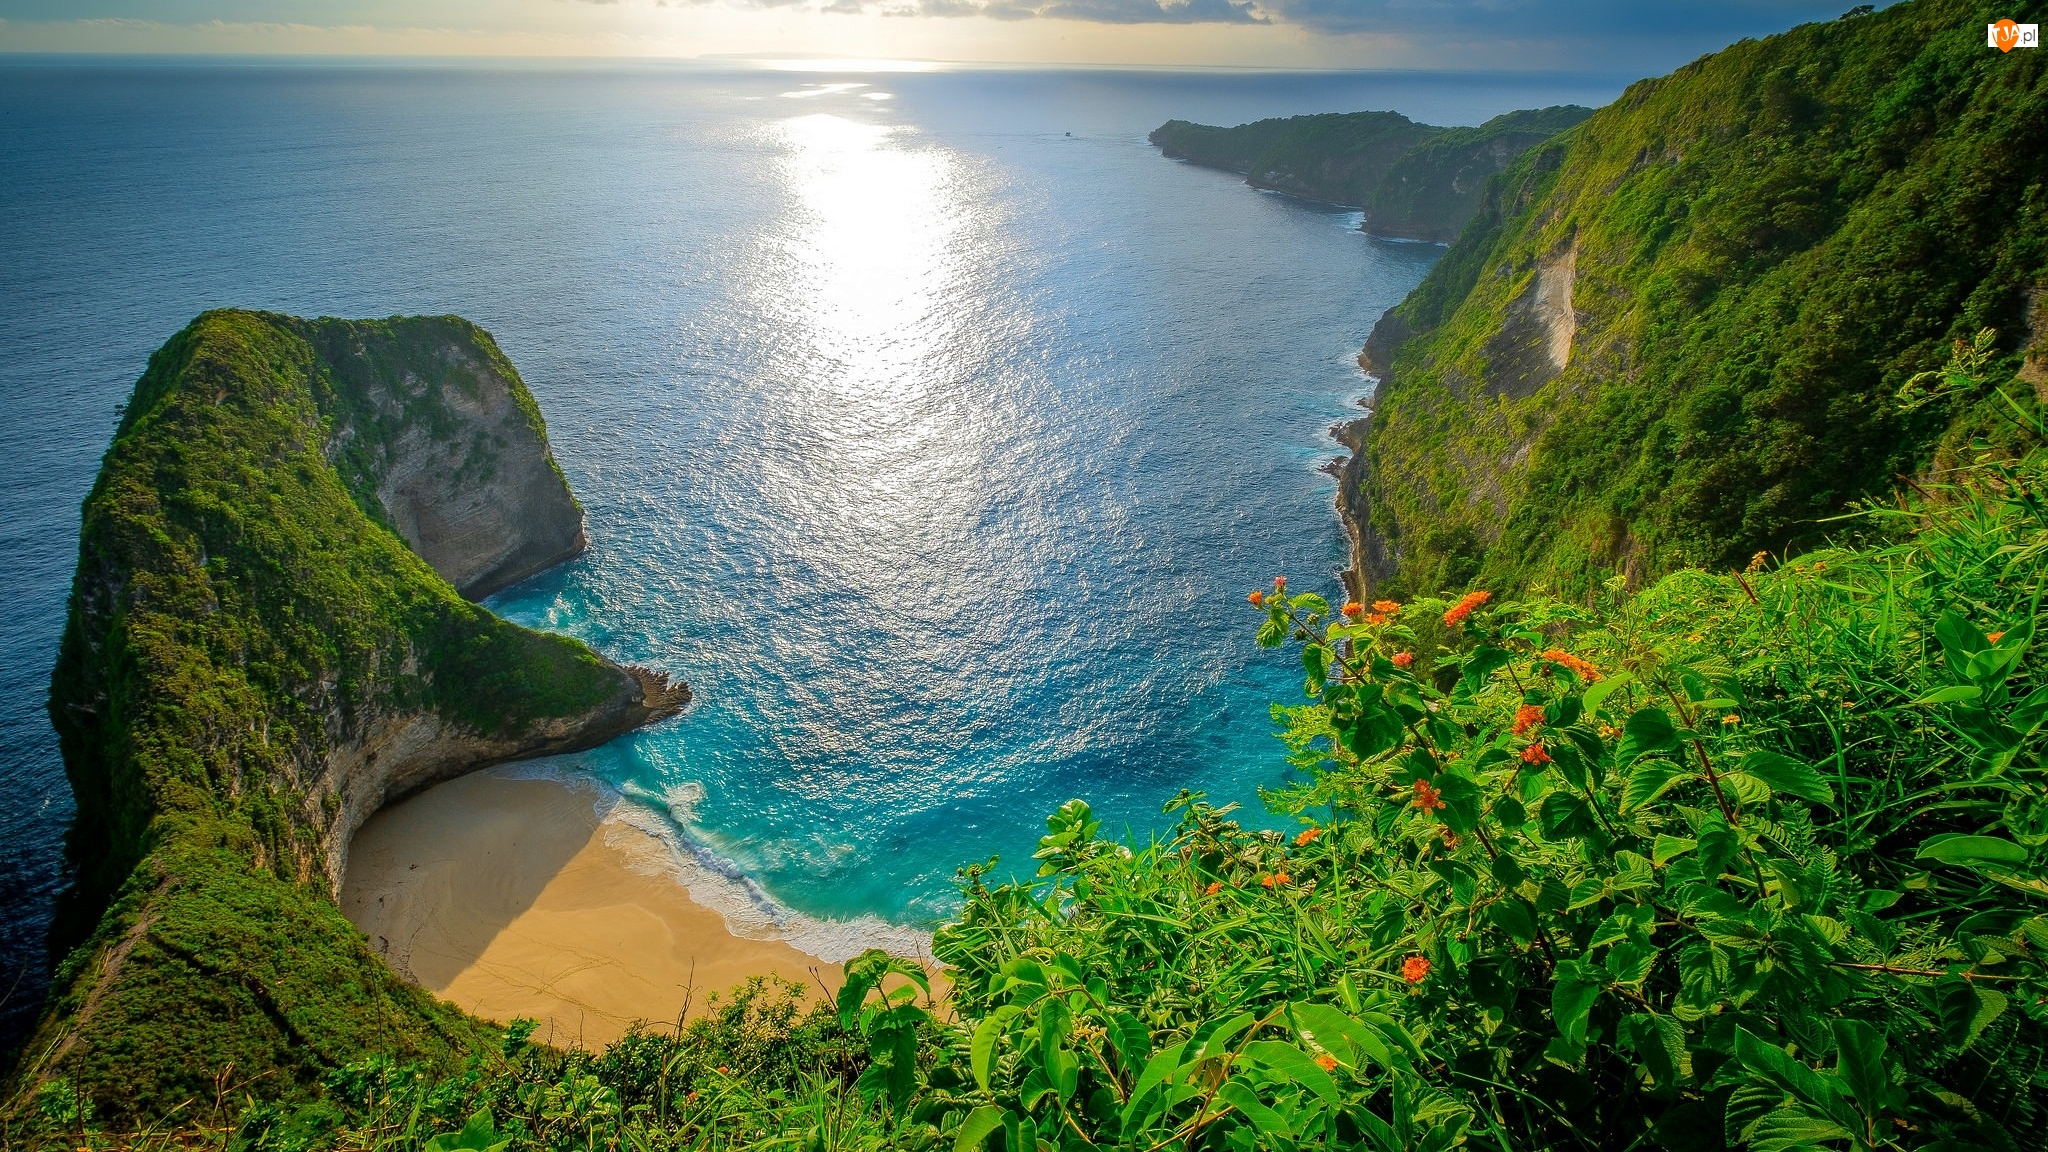 Wyspa Nusa Penida, Morze, Plaża, Prowincja Bali, Wybrzeże, Roślinność, Indonezja, Skały